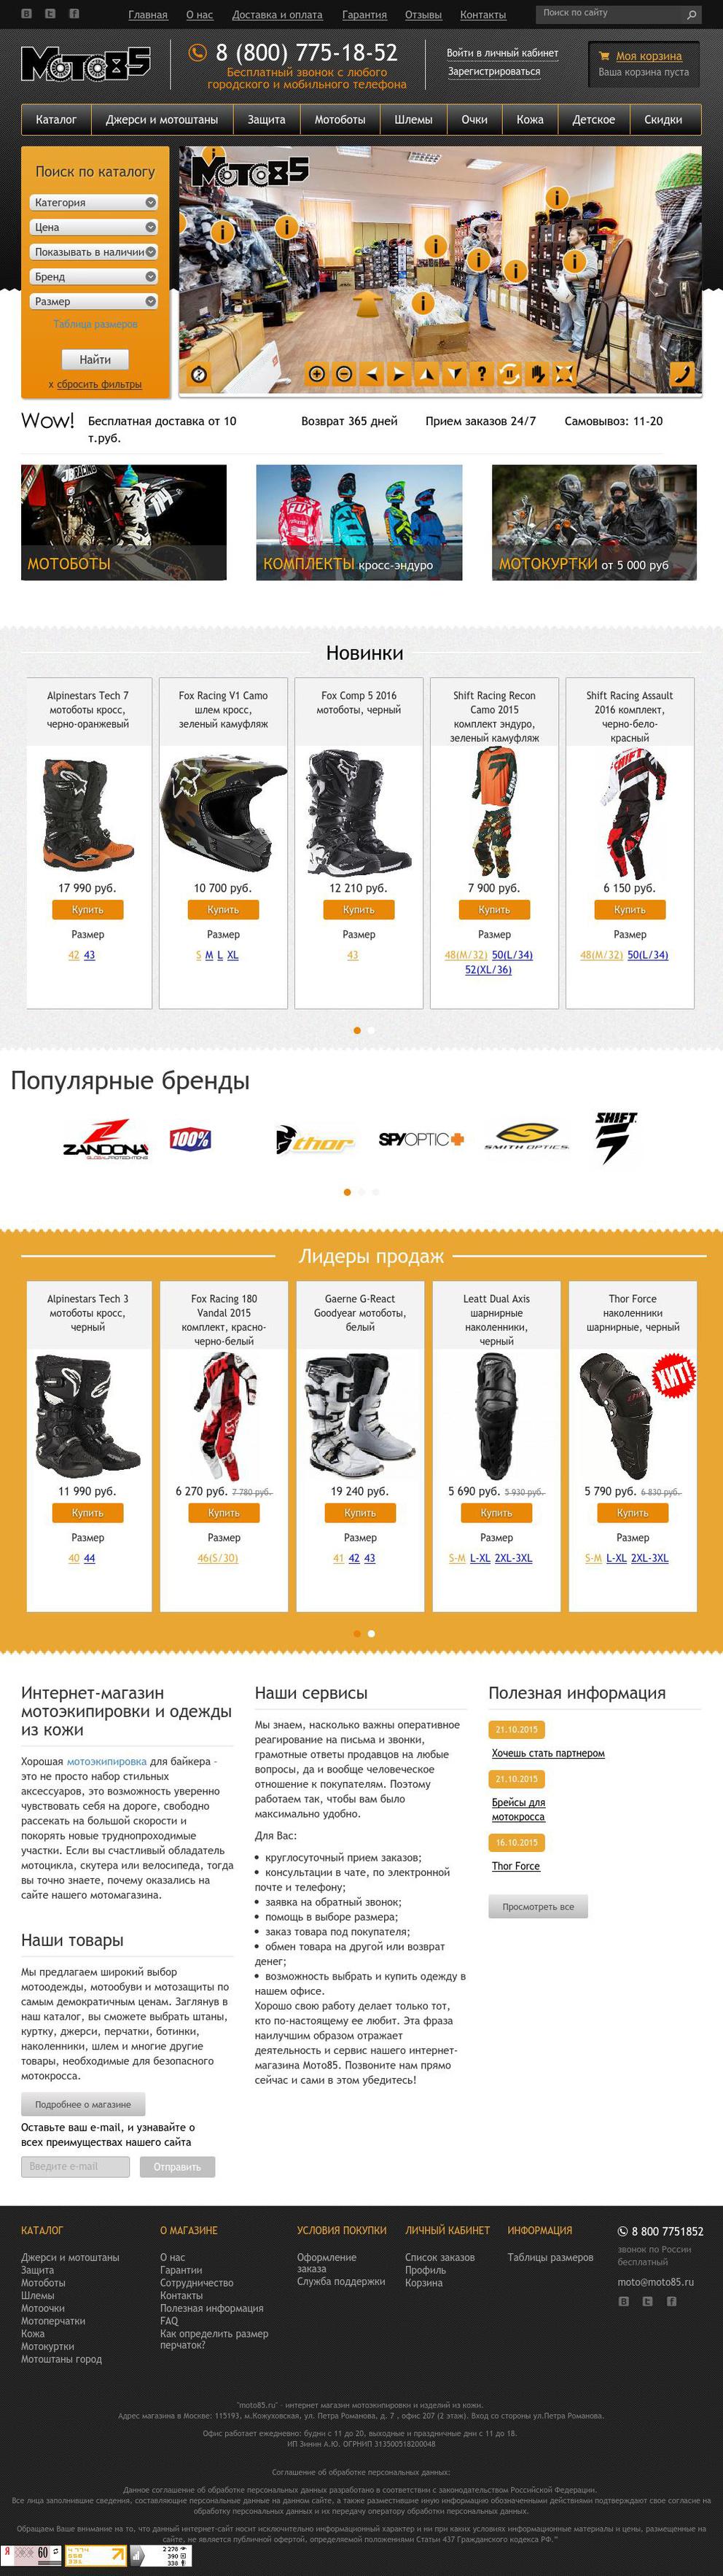 Интернет-магазин мотоэкипировки / Проект компании Positive2B